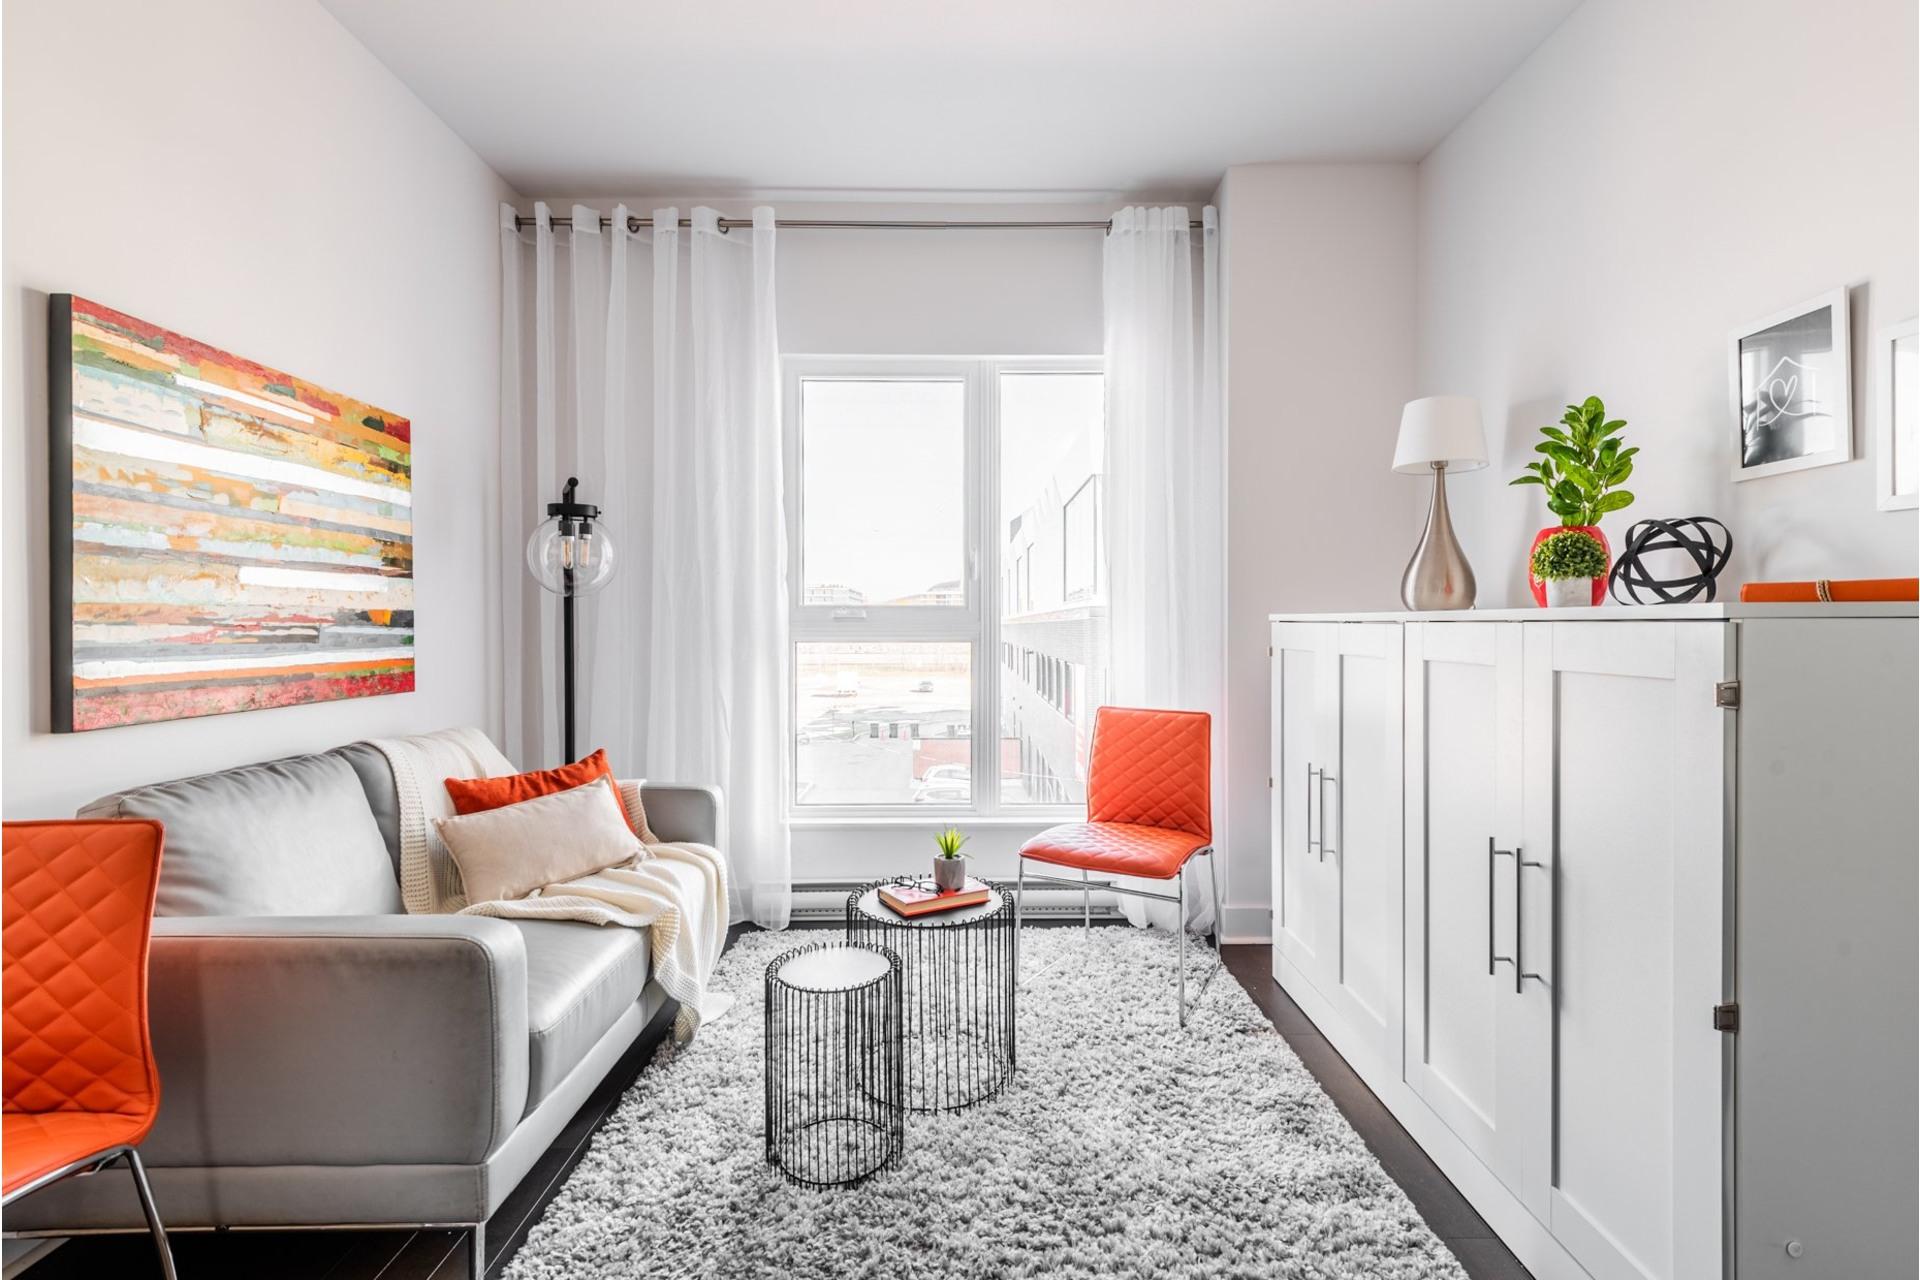 image 3 - Appartement À vendre Villeray/Saint-Michel/Parc-Extension Montréal  - 3 pièces